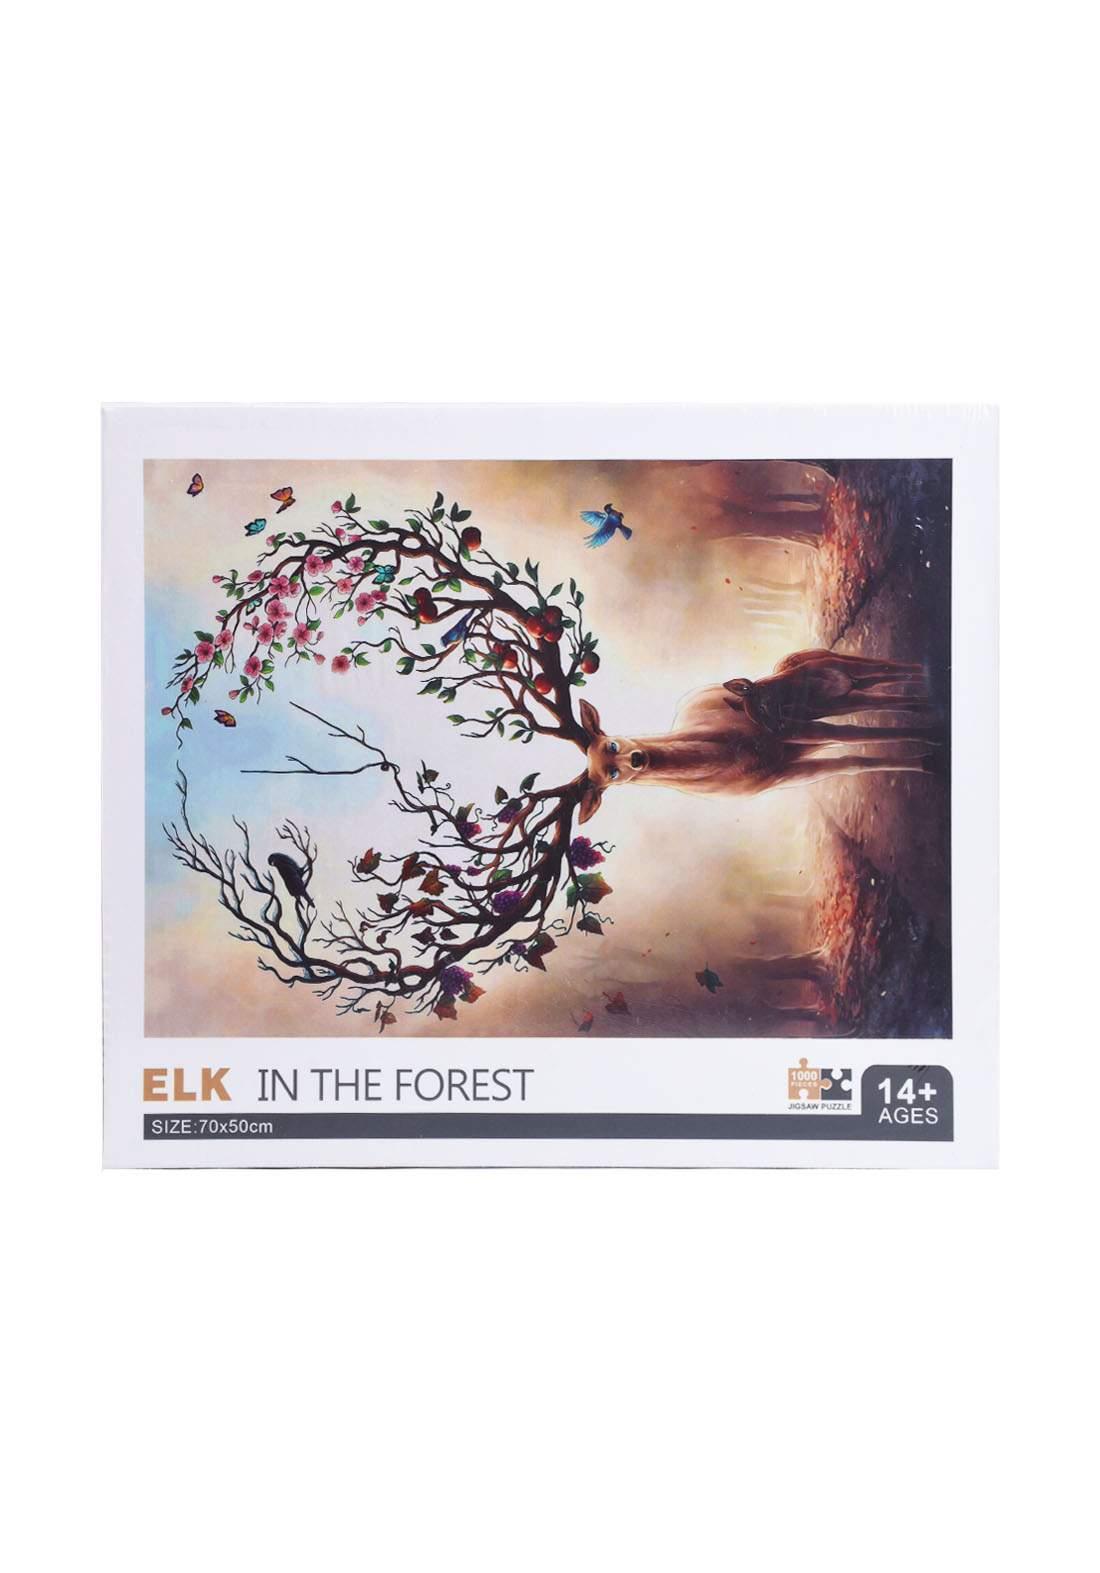 Jigsaw Puzzle Elk In The Forest 1000Pcs لعبة تركيب القطع بشكل أيل في الغابة